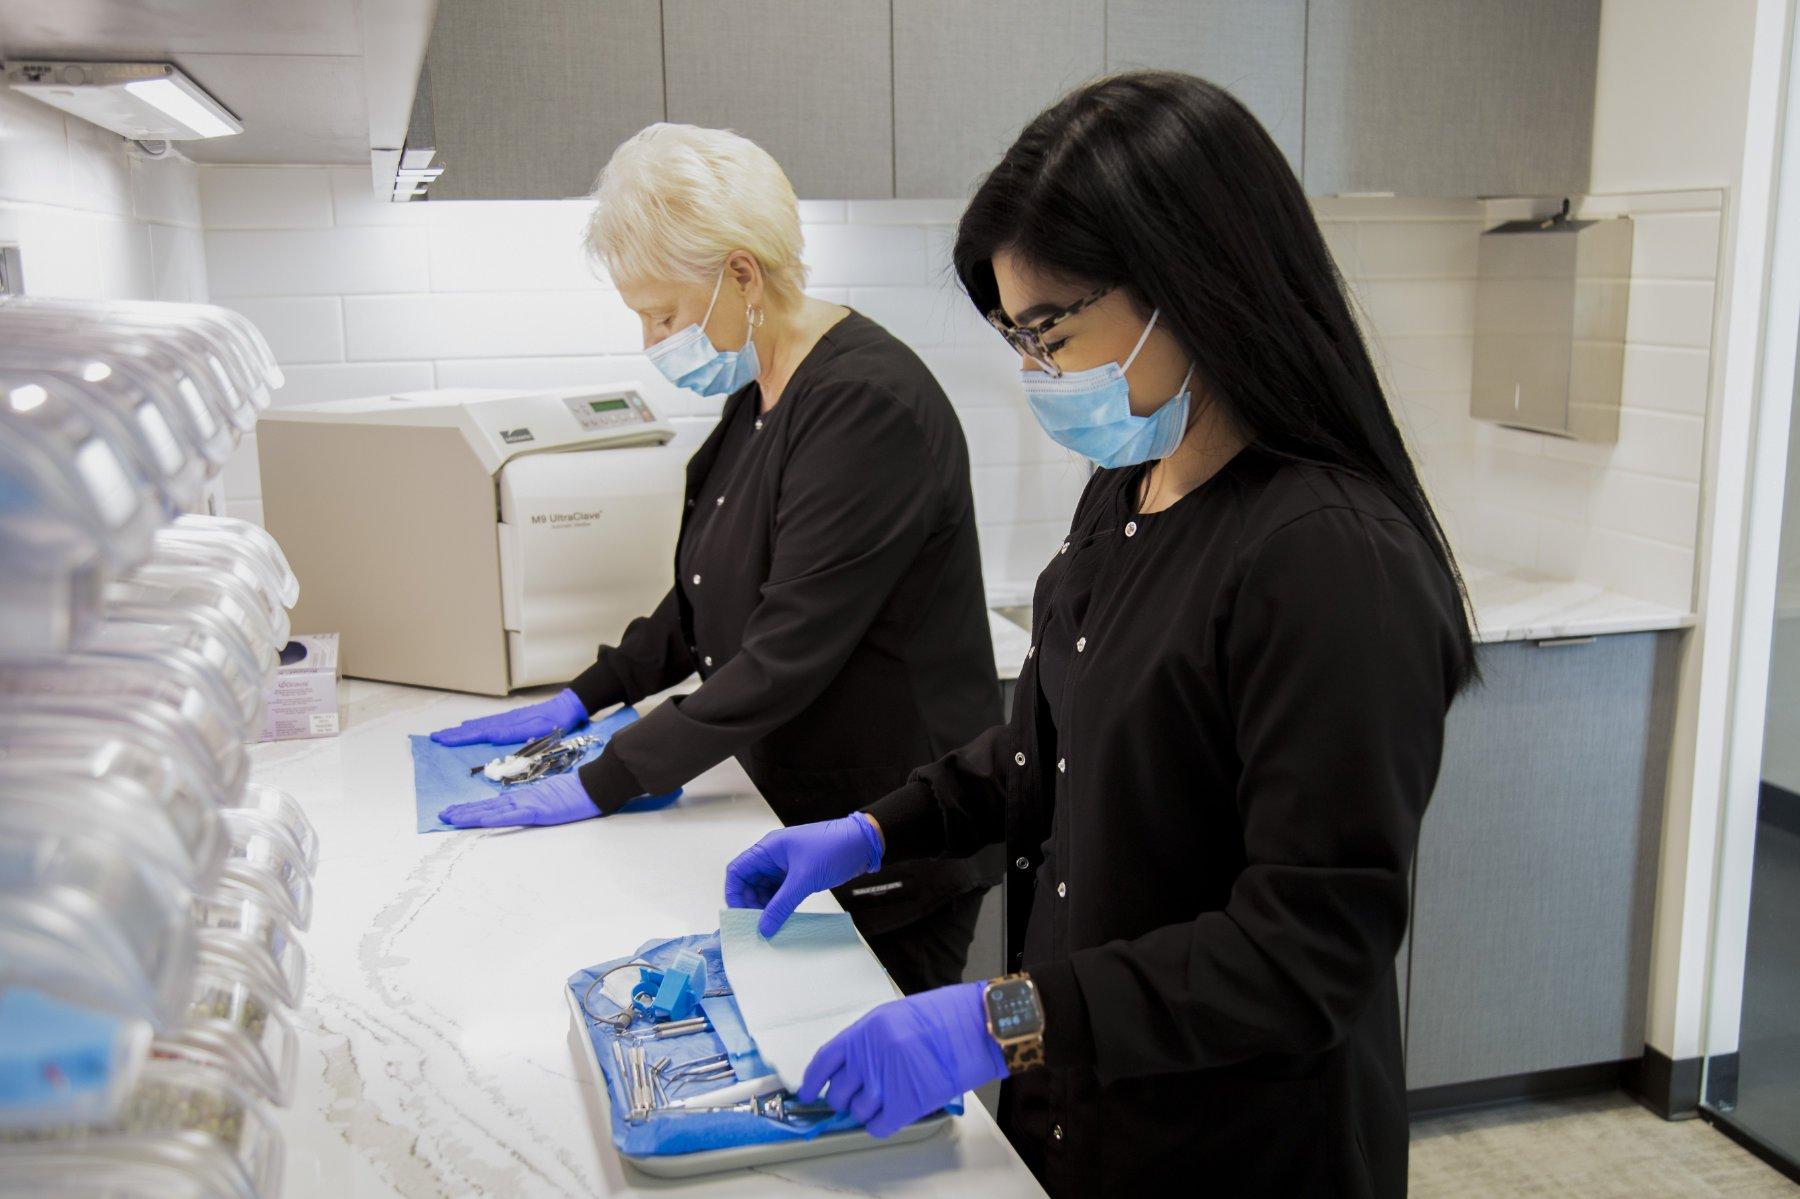 dental assistants prepare tools